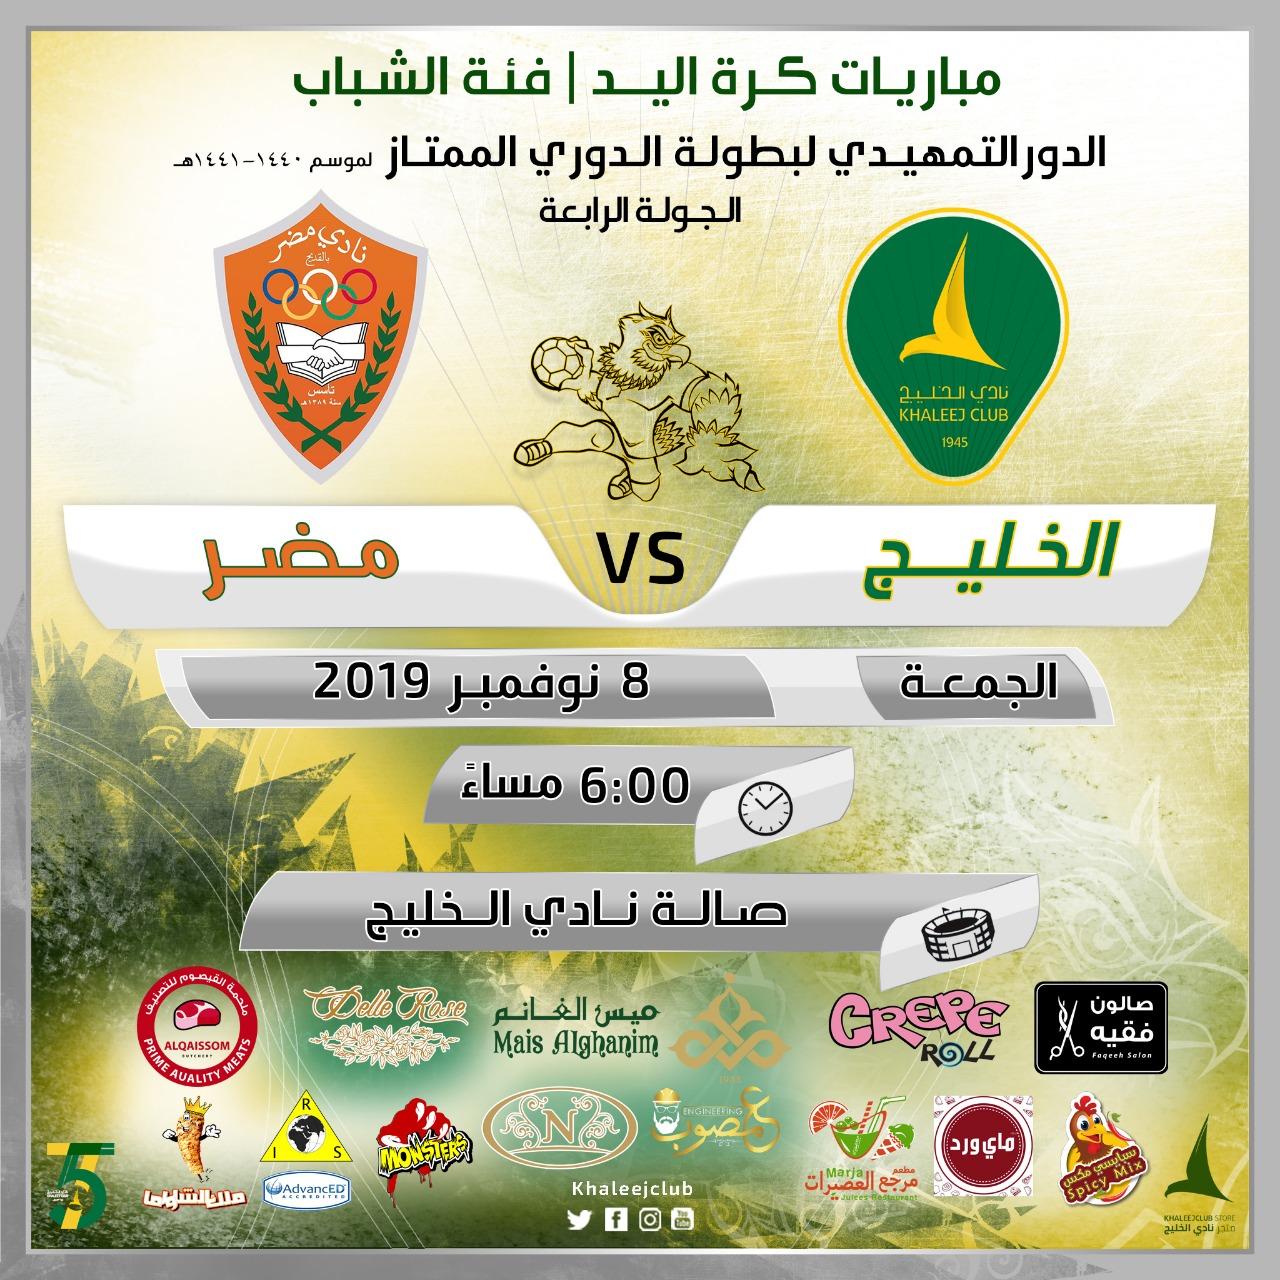 شباب الخليج يواجهون مضر ضمن منافسات الدوري الممتاز